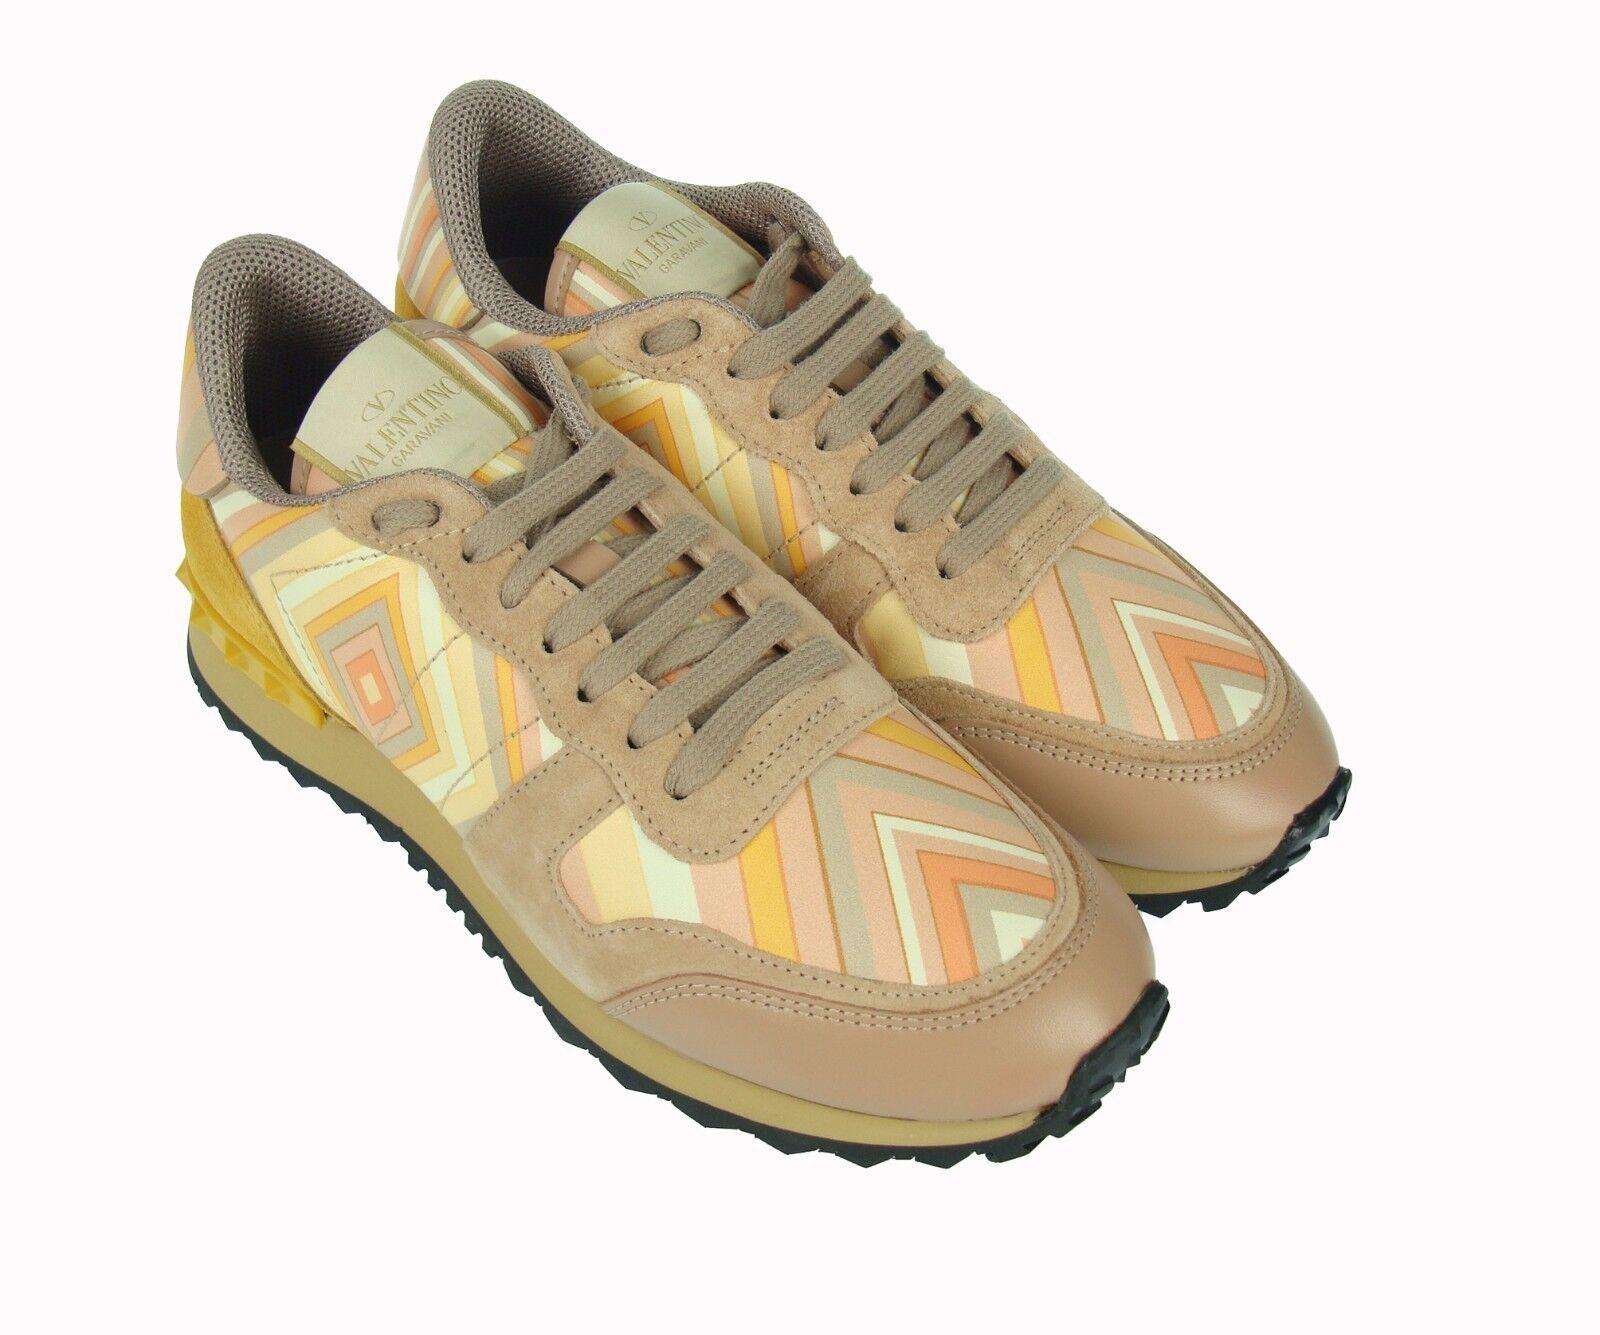 Valentino Garavani    750 Zapatos Tenis de Moda de Mujer Mujer 女鞋 100% Aut.  almacén al por mayor